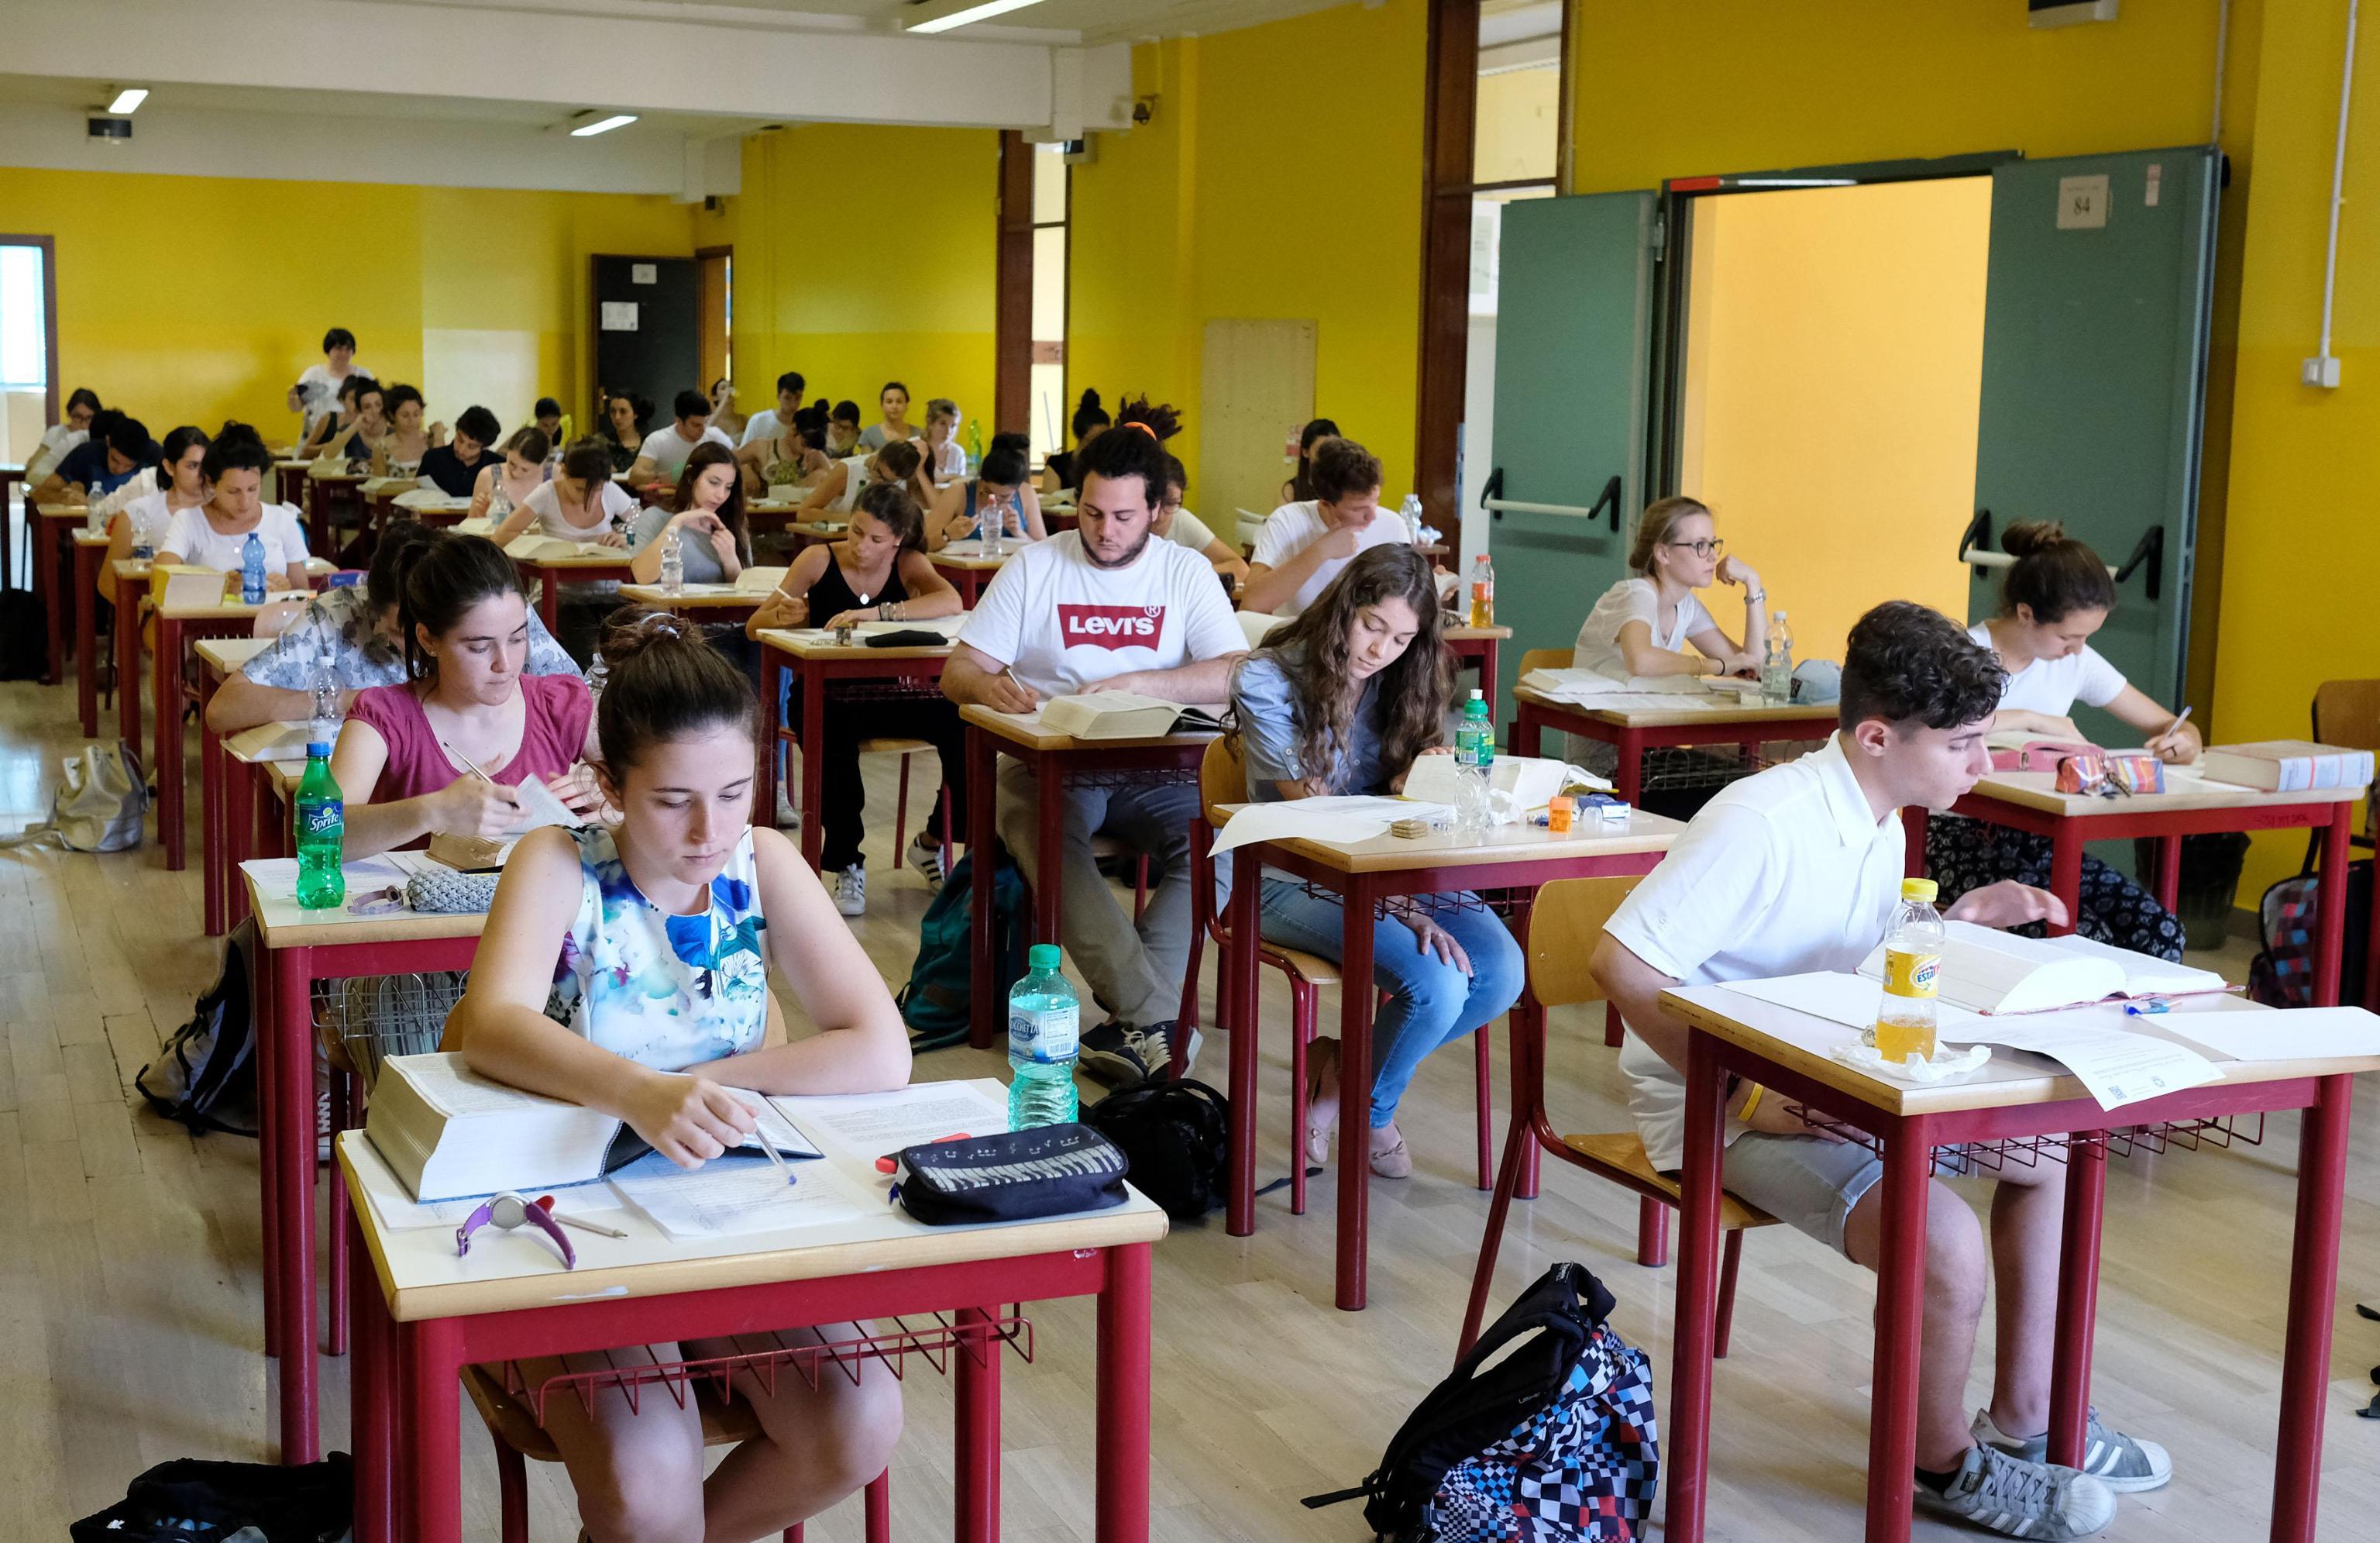 Esame di maturità di matematica da rifare per 61 studenti